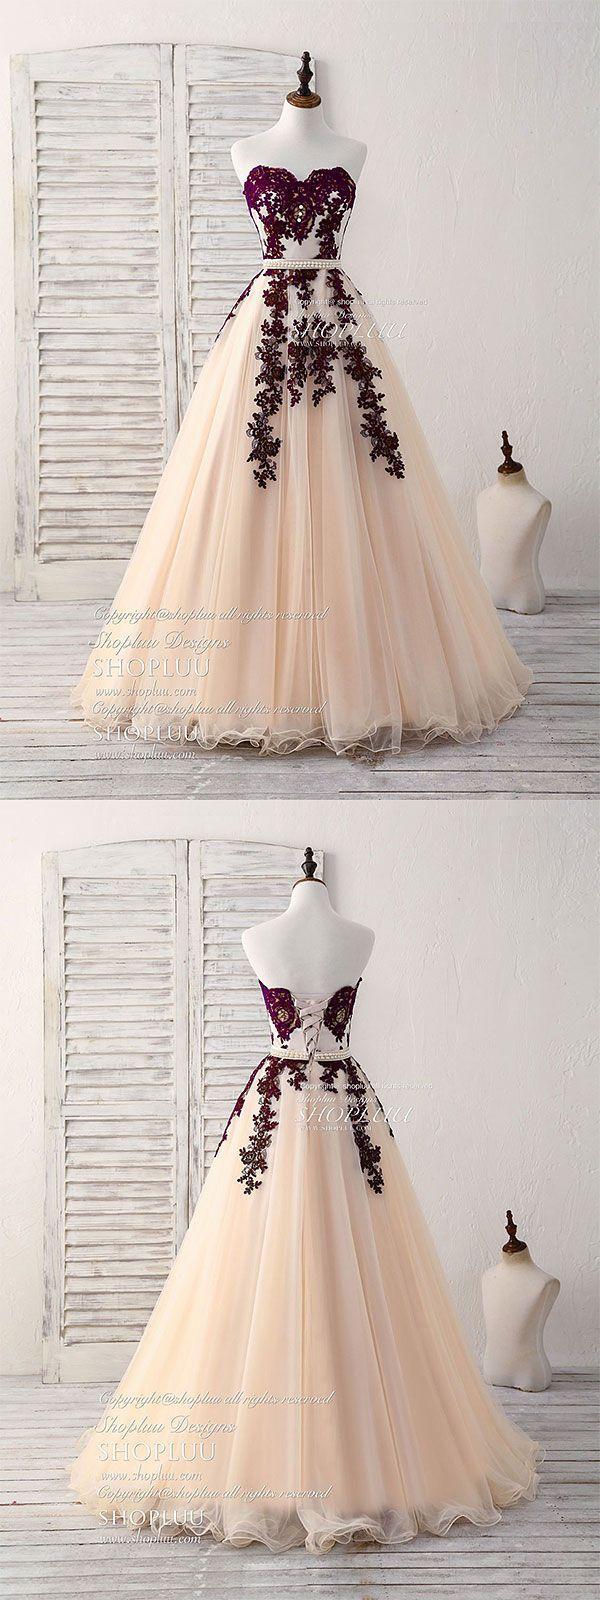 Awesome graduation dress